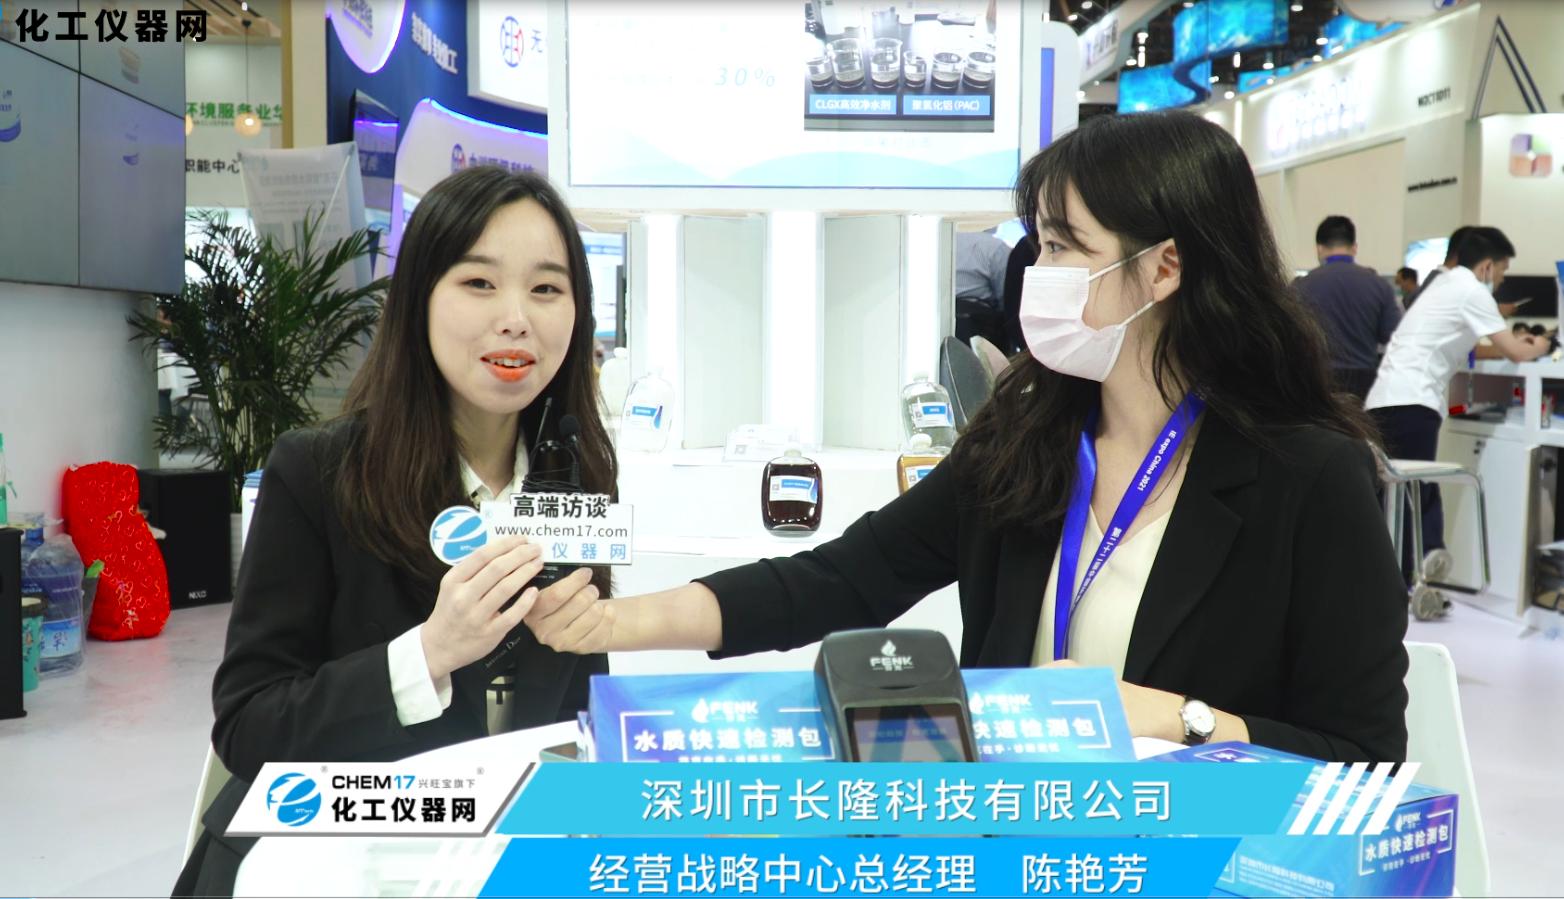 长隆科技精彩亮相IE expo 2021——访经营战略中心总经理陈艳芳